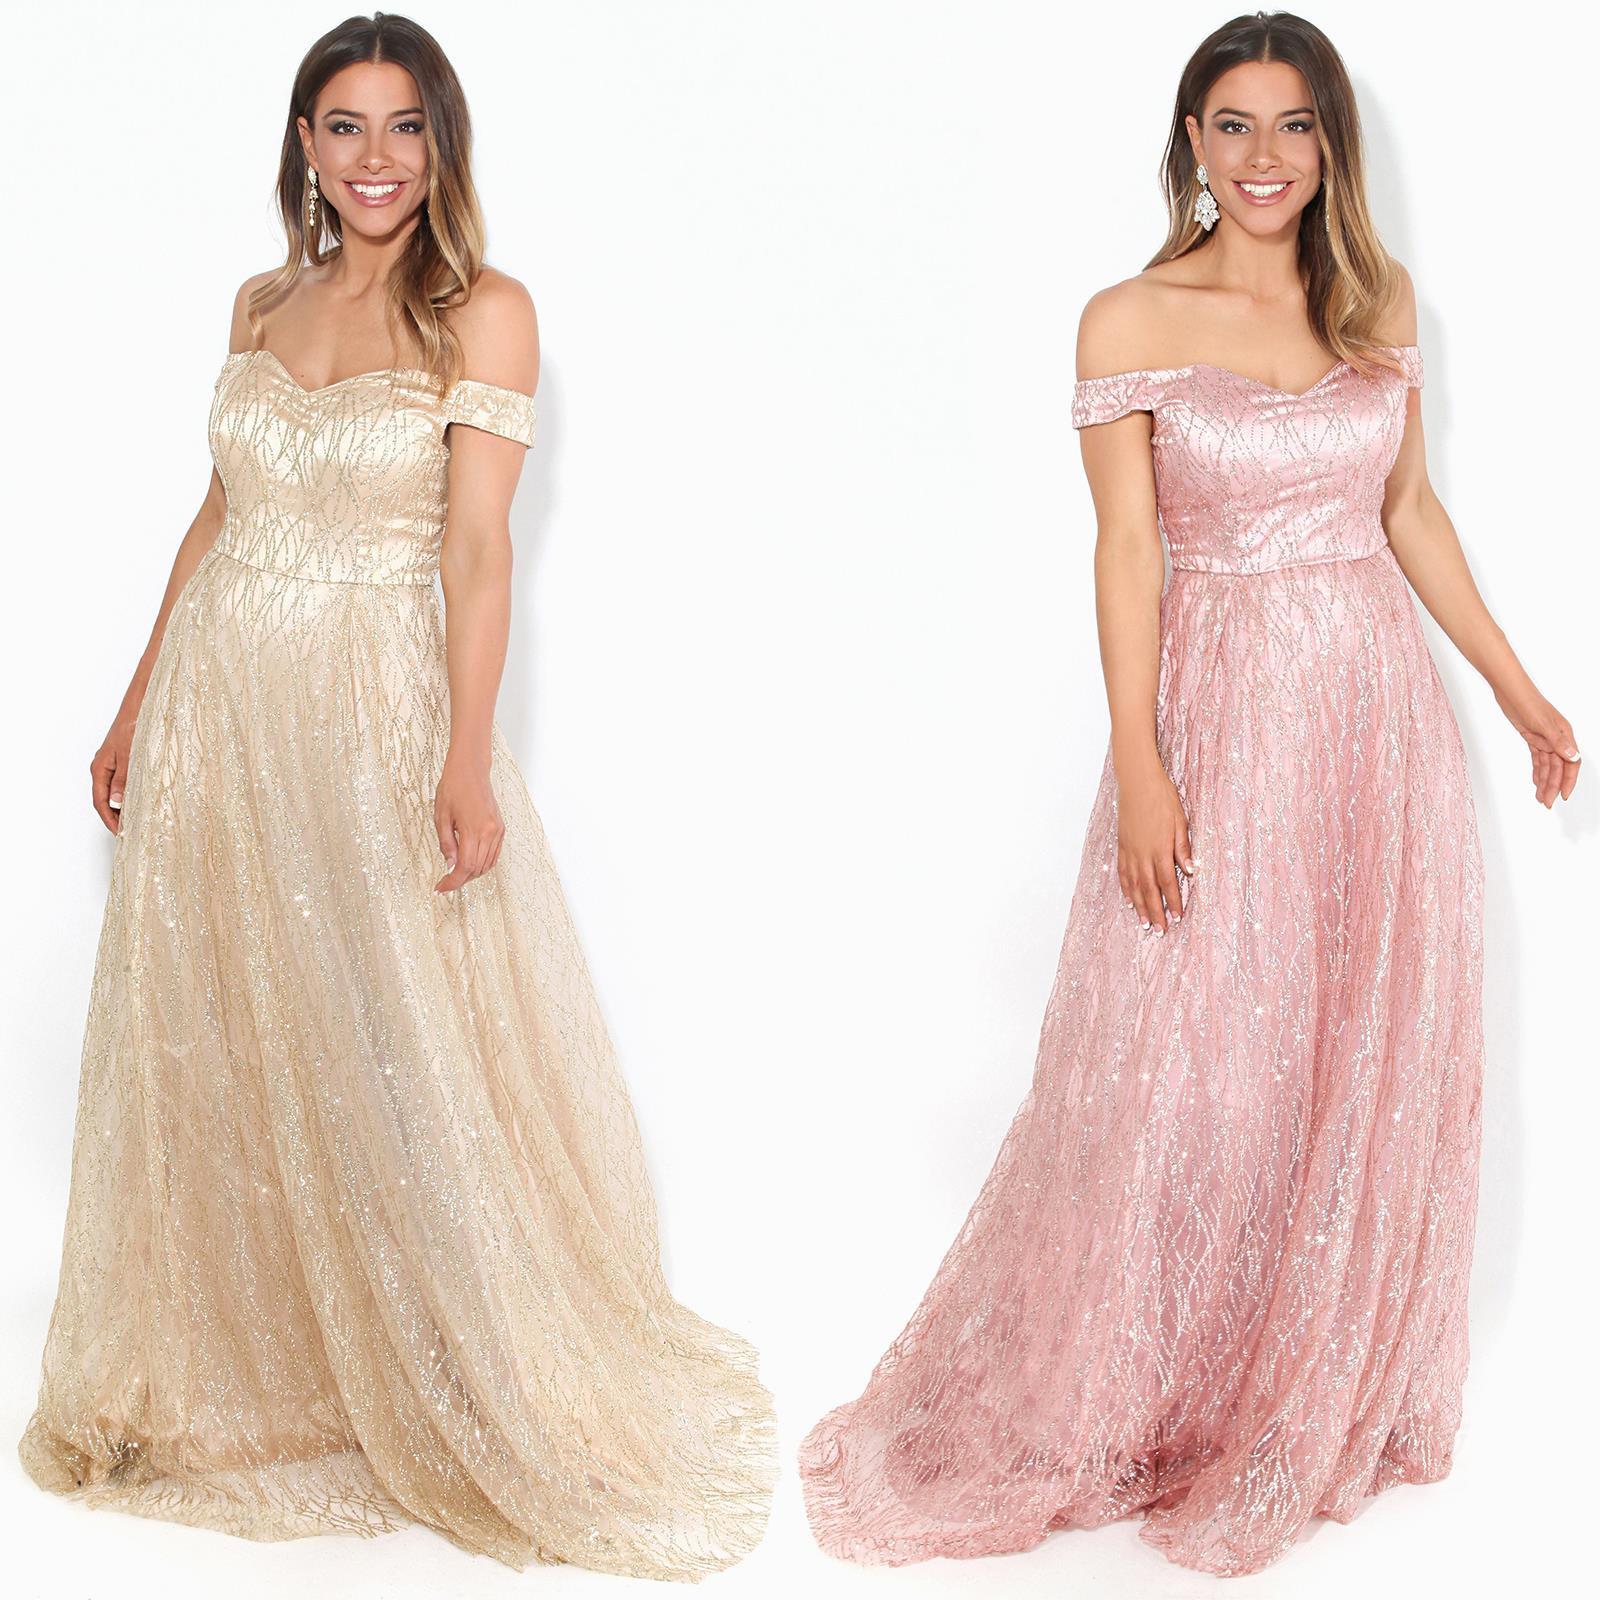 Details About Damen Festliches Abenkleid Glitzer Glänzendes Kleid A-Linie  Lang Hochzeit